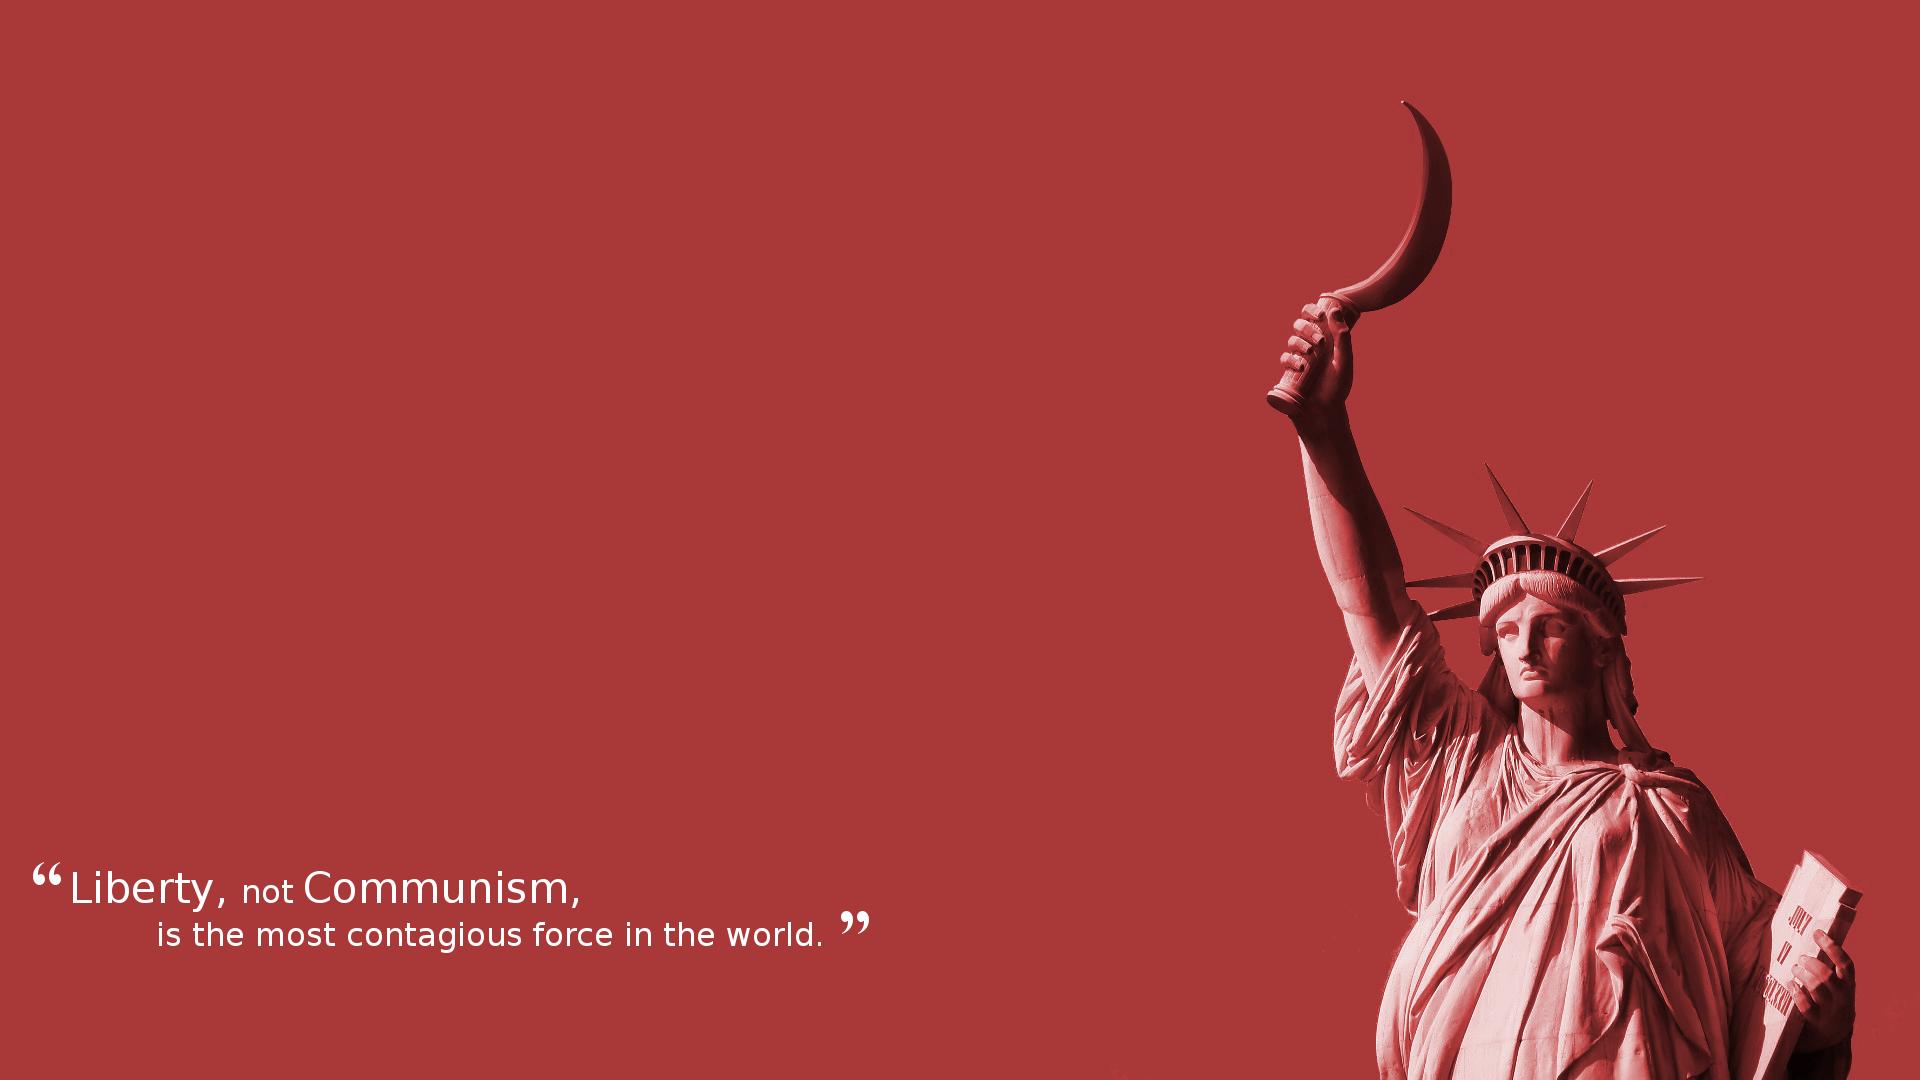 Communism quote #1